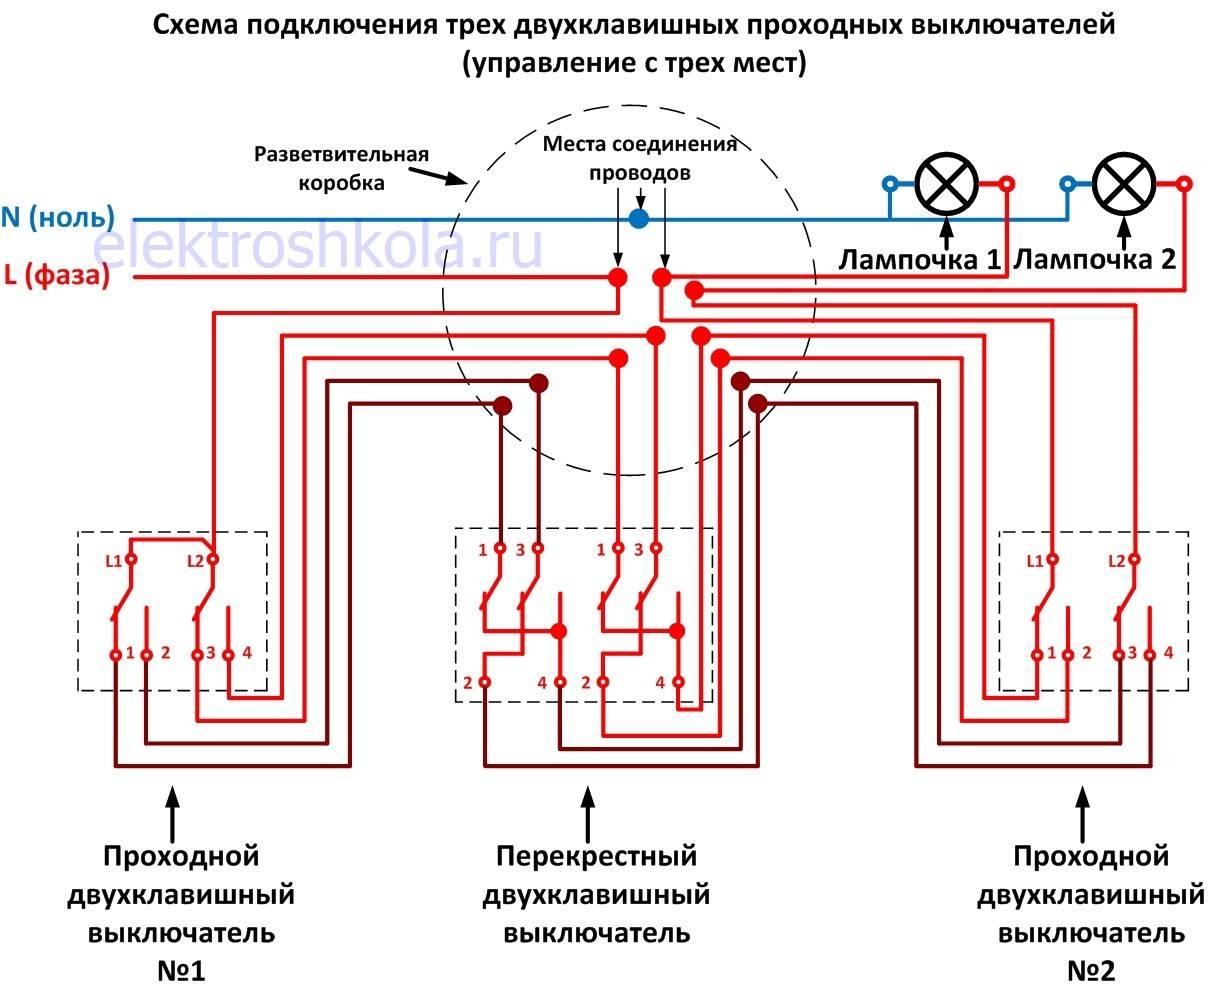 Проходные и перекрестные выключатели в чем разница. схема проходного и перекрестного выключателя.